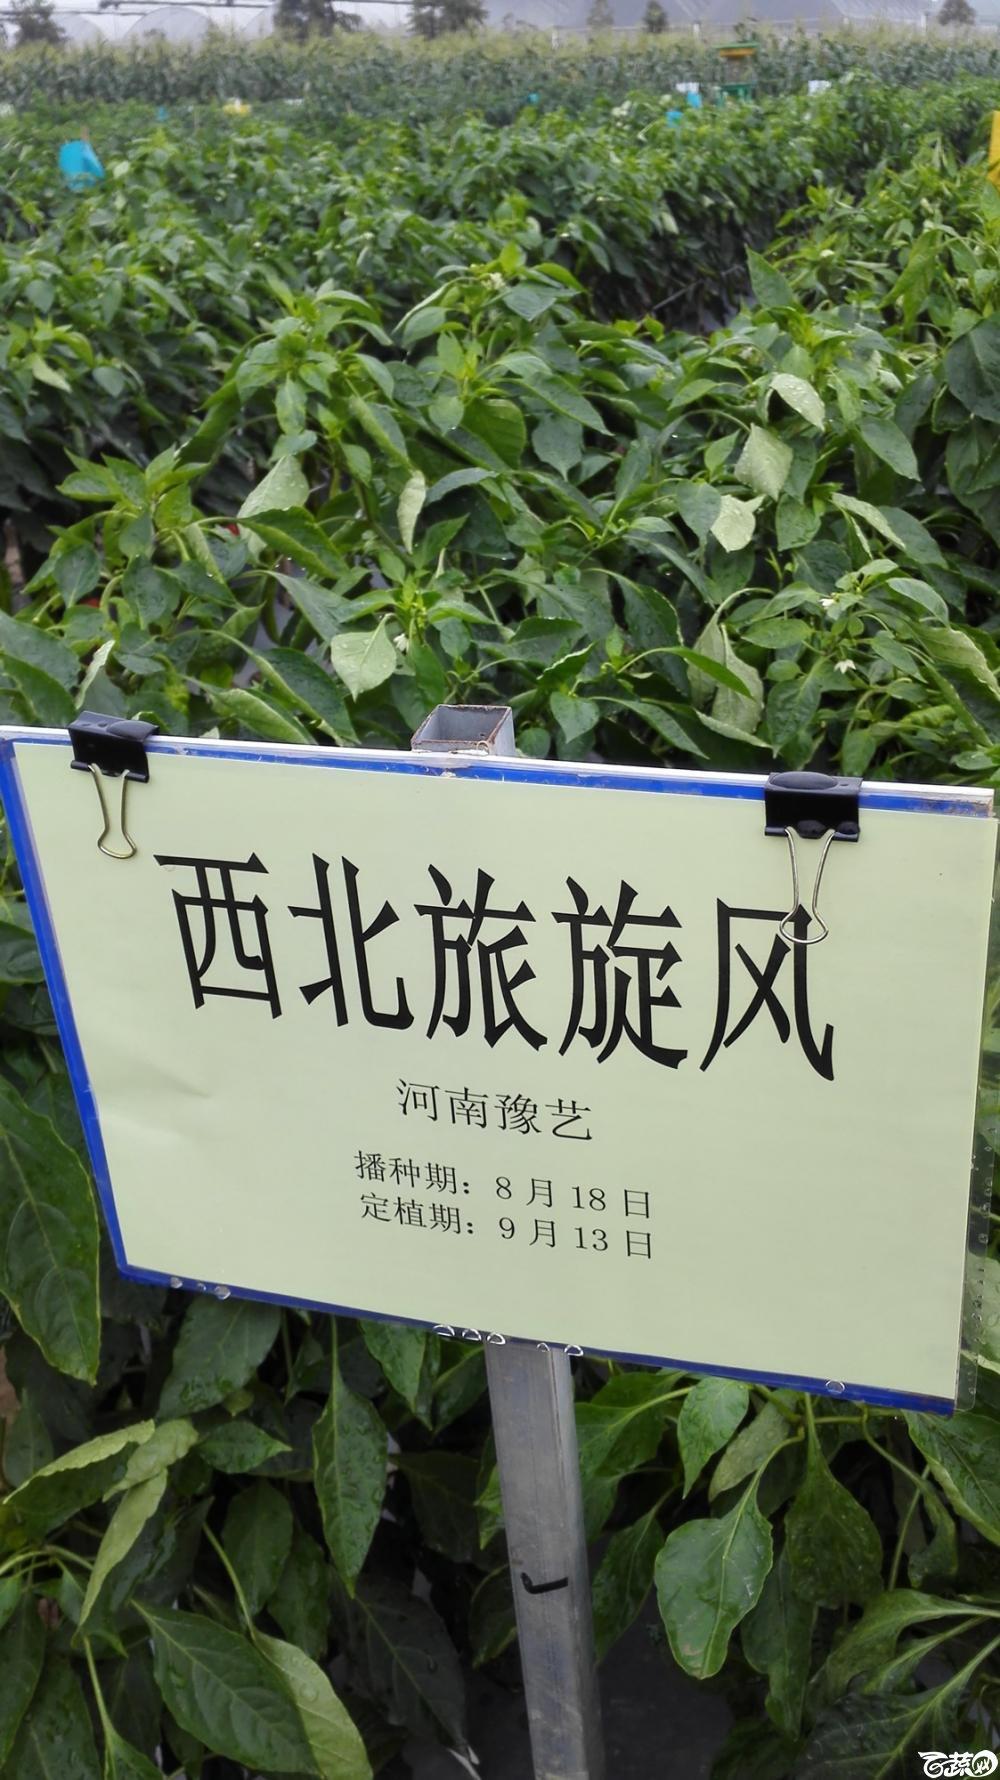 2014年12月8号中山蔬菜新品种展示会_辣椒_036.jpg